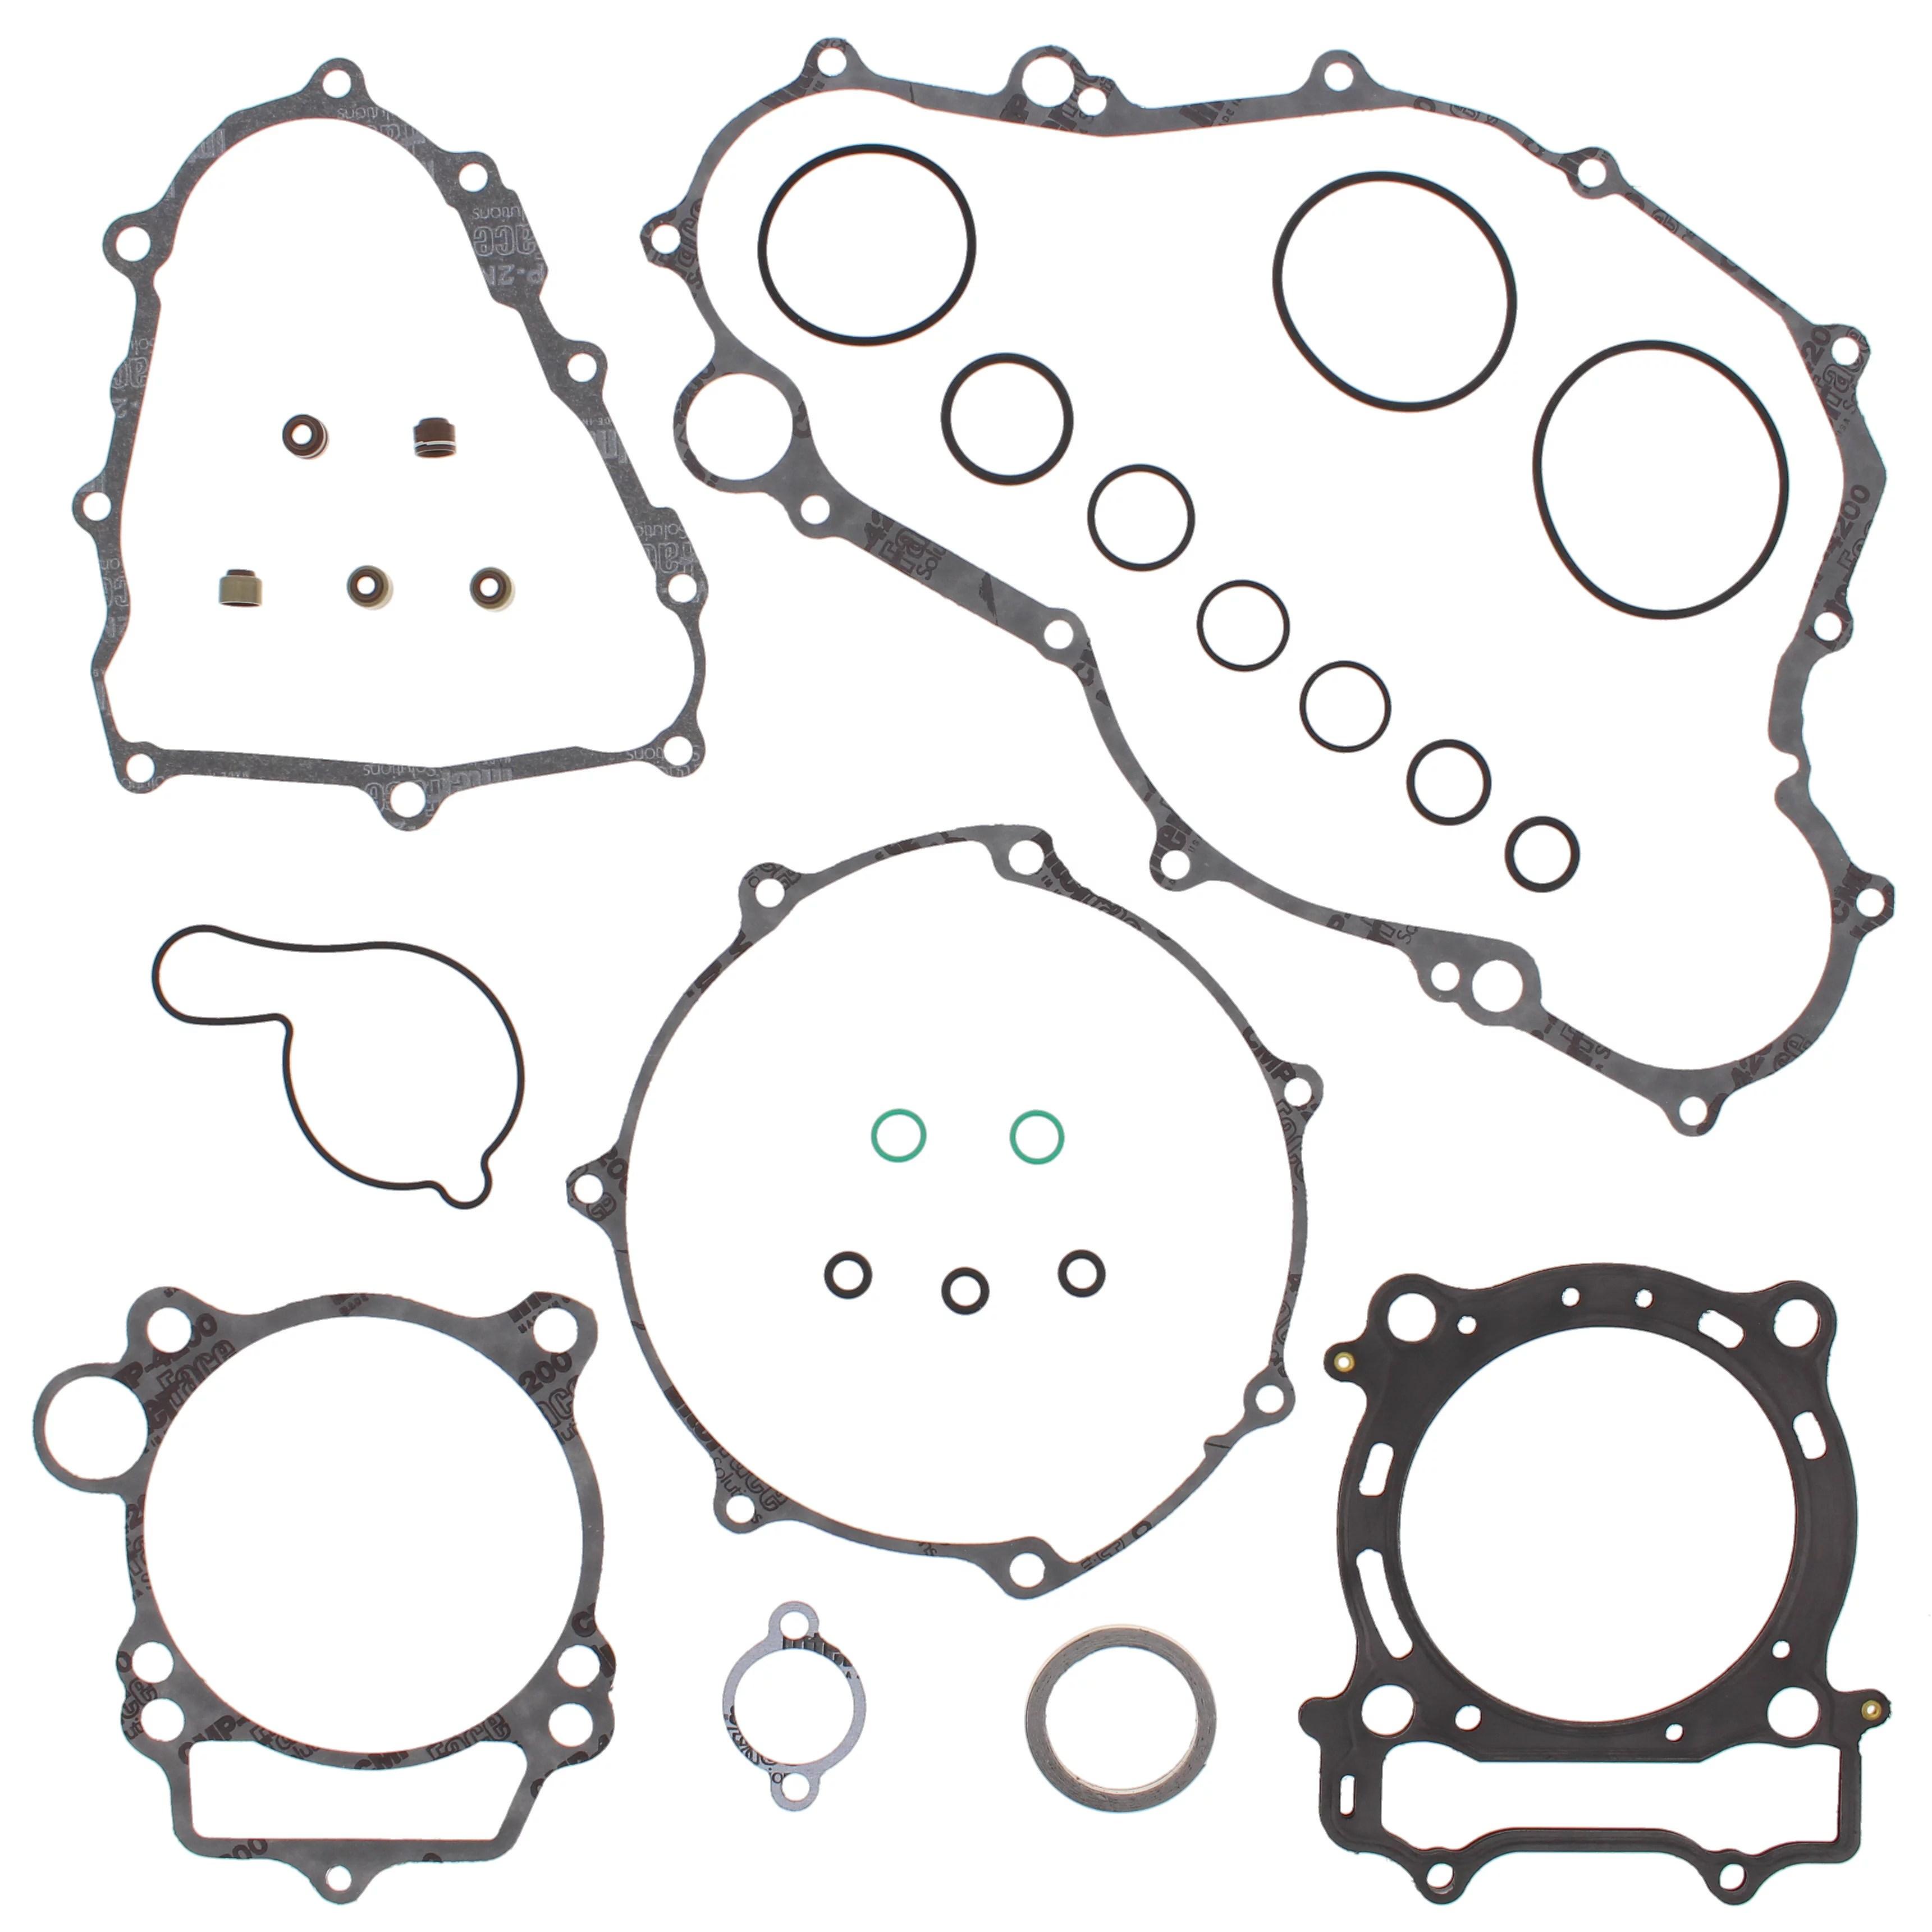 New Complete Gasket Kit Yamaha YFZ450 450cc 04 05 06 07 08